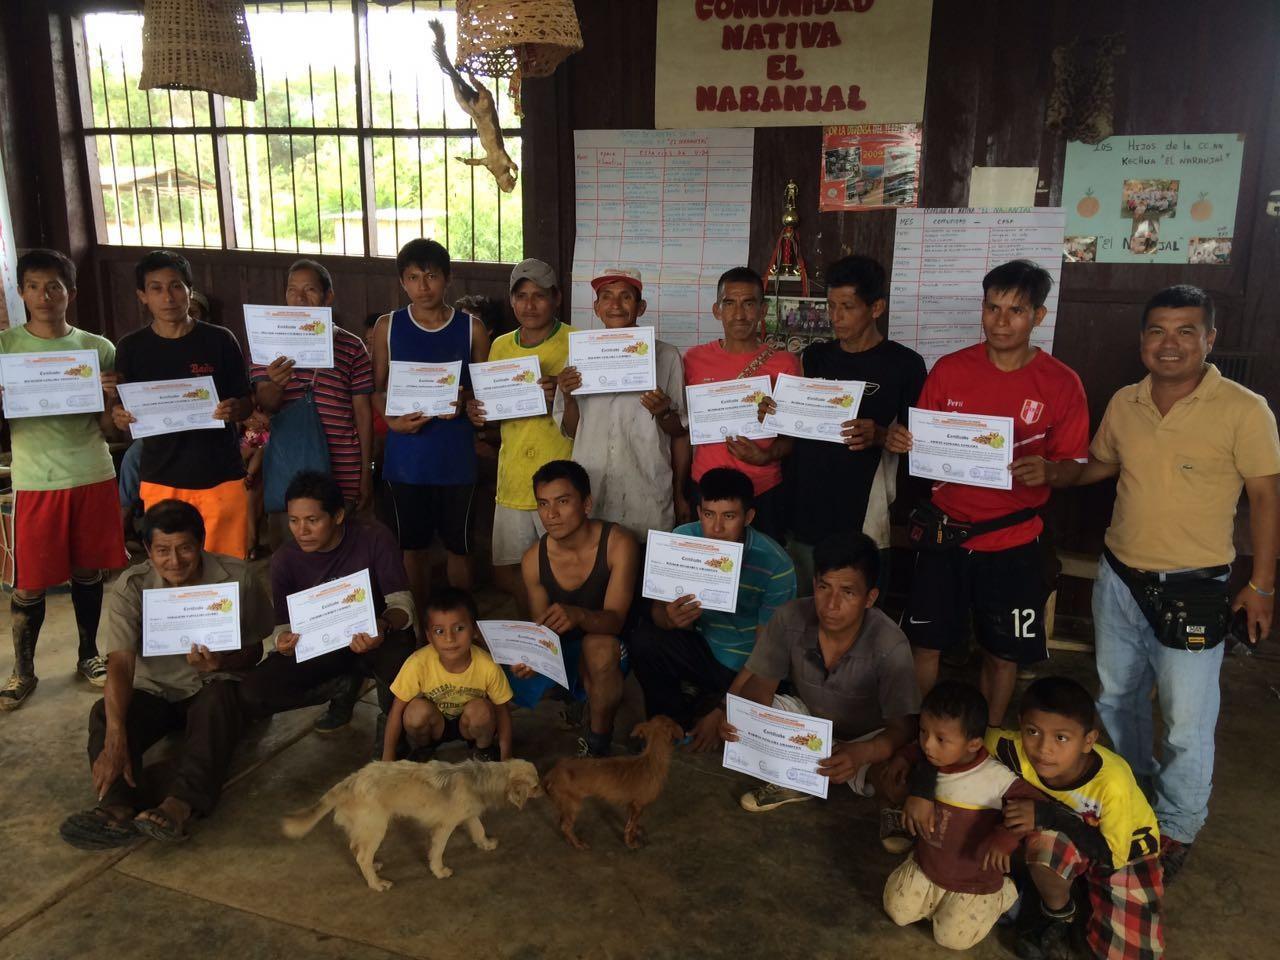 Agricultores de la Comunidad Nativa El Naranjal se graduaron en escuela de campo de Sacha Inchi Com